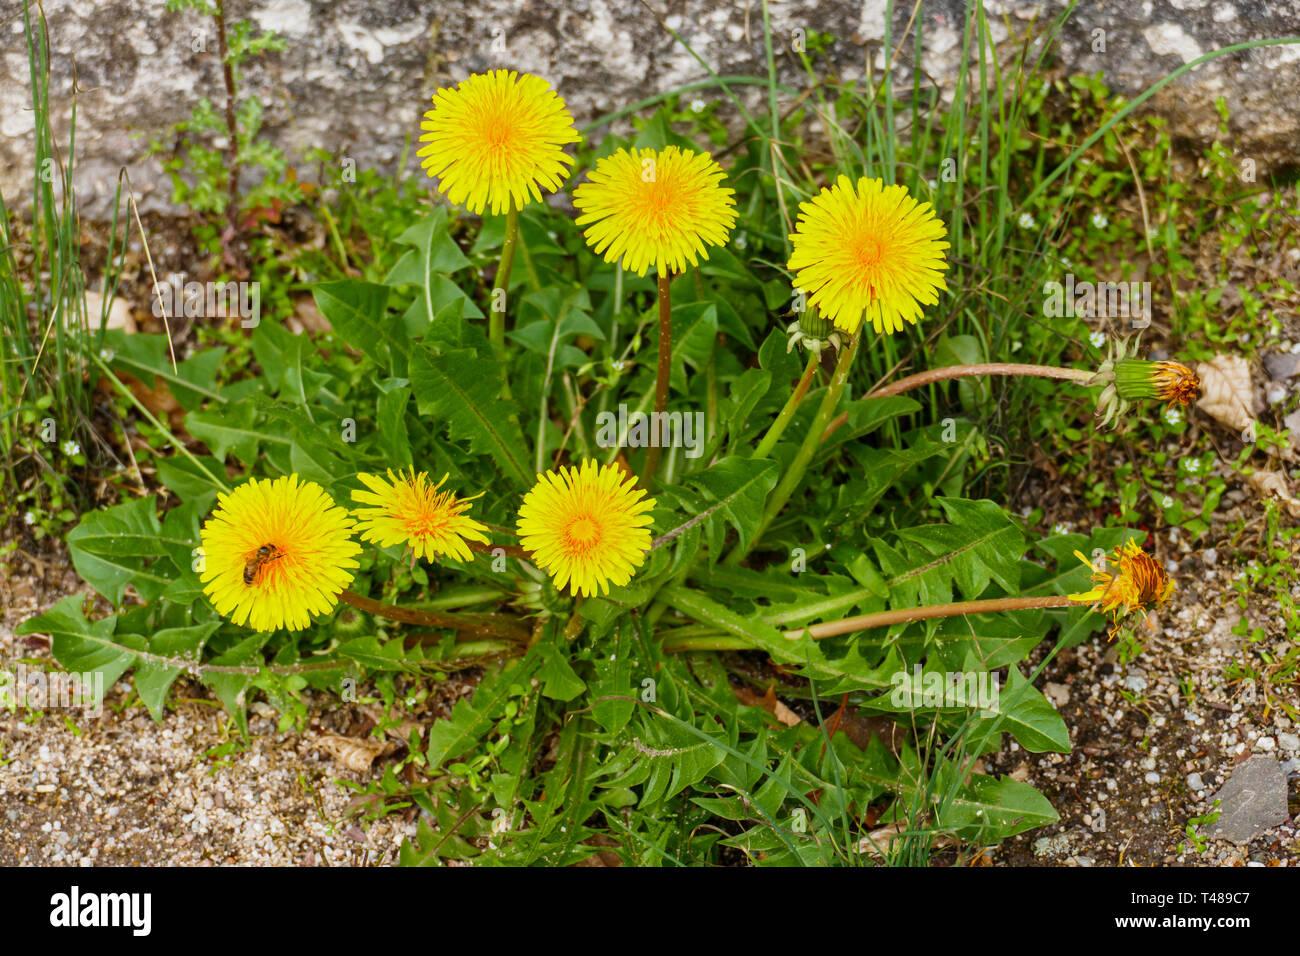 Löwenzahn mit gelber Blüte und grünen Blättern Stock Photo